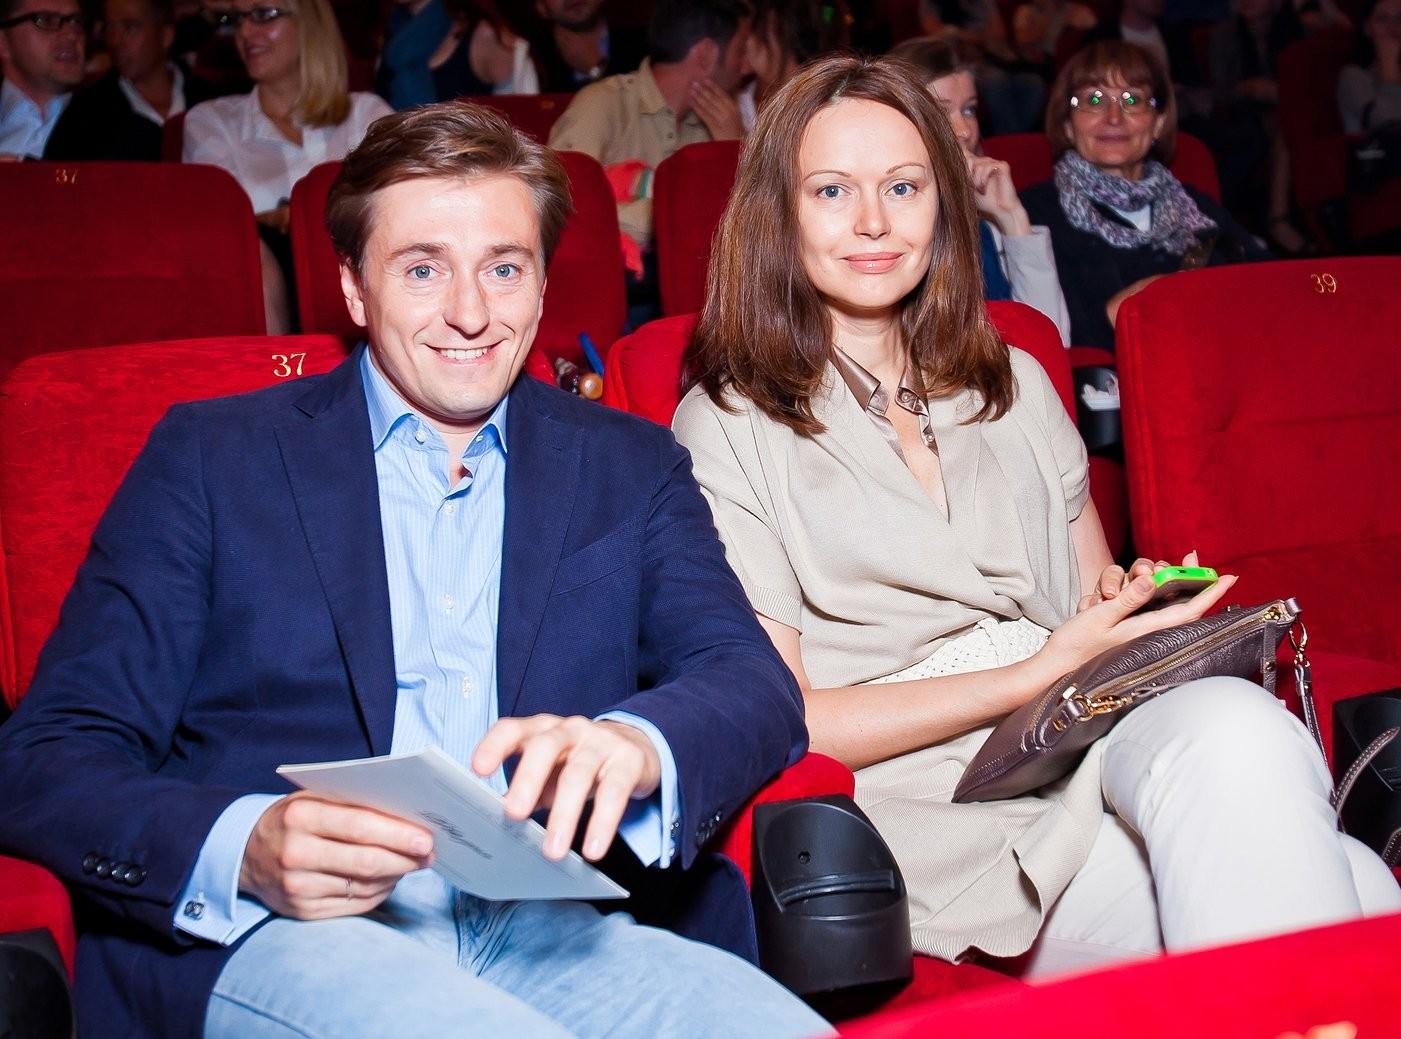 Сергей Безруков расстался со своей женой Ириной Безруковой